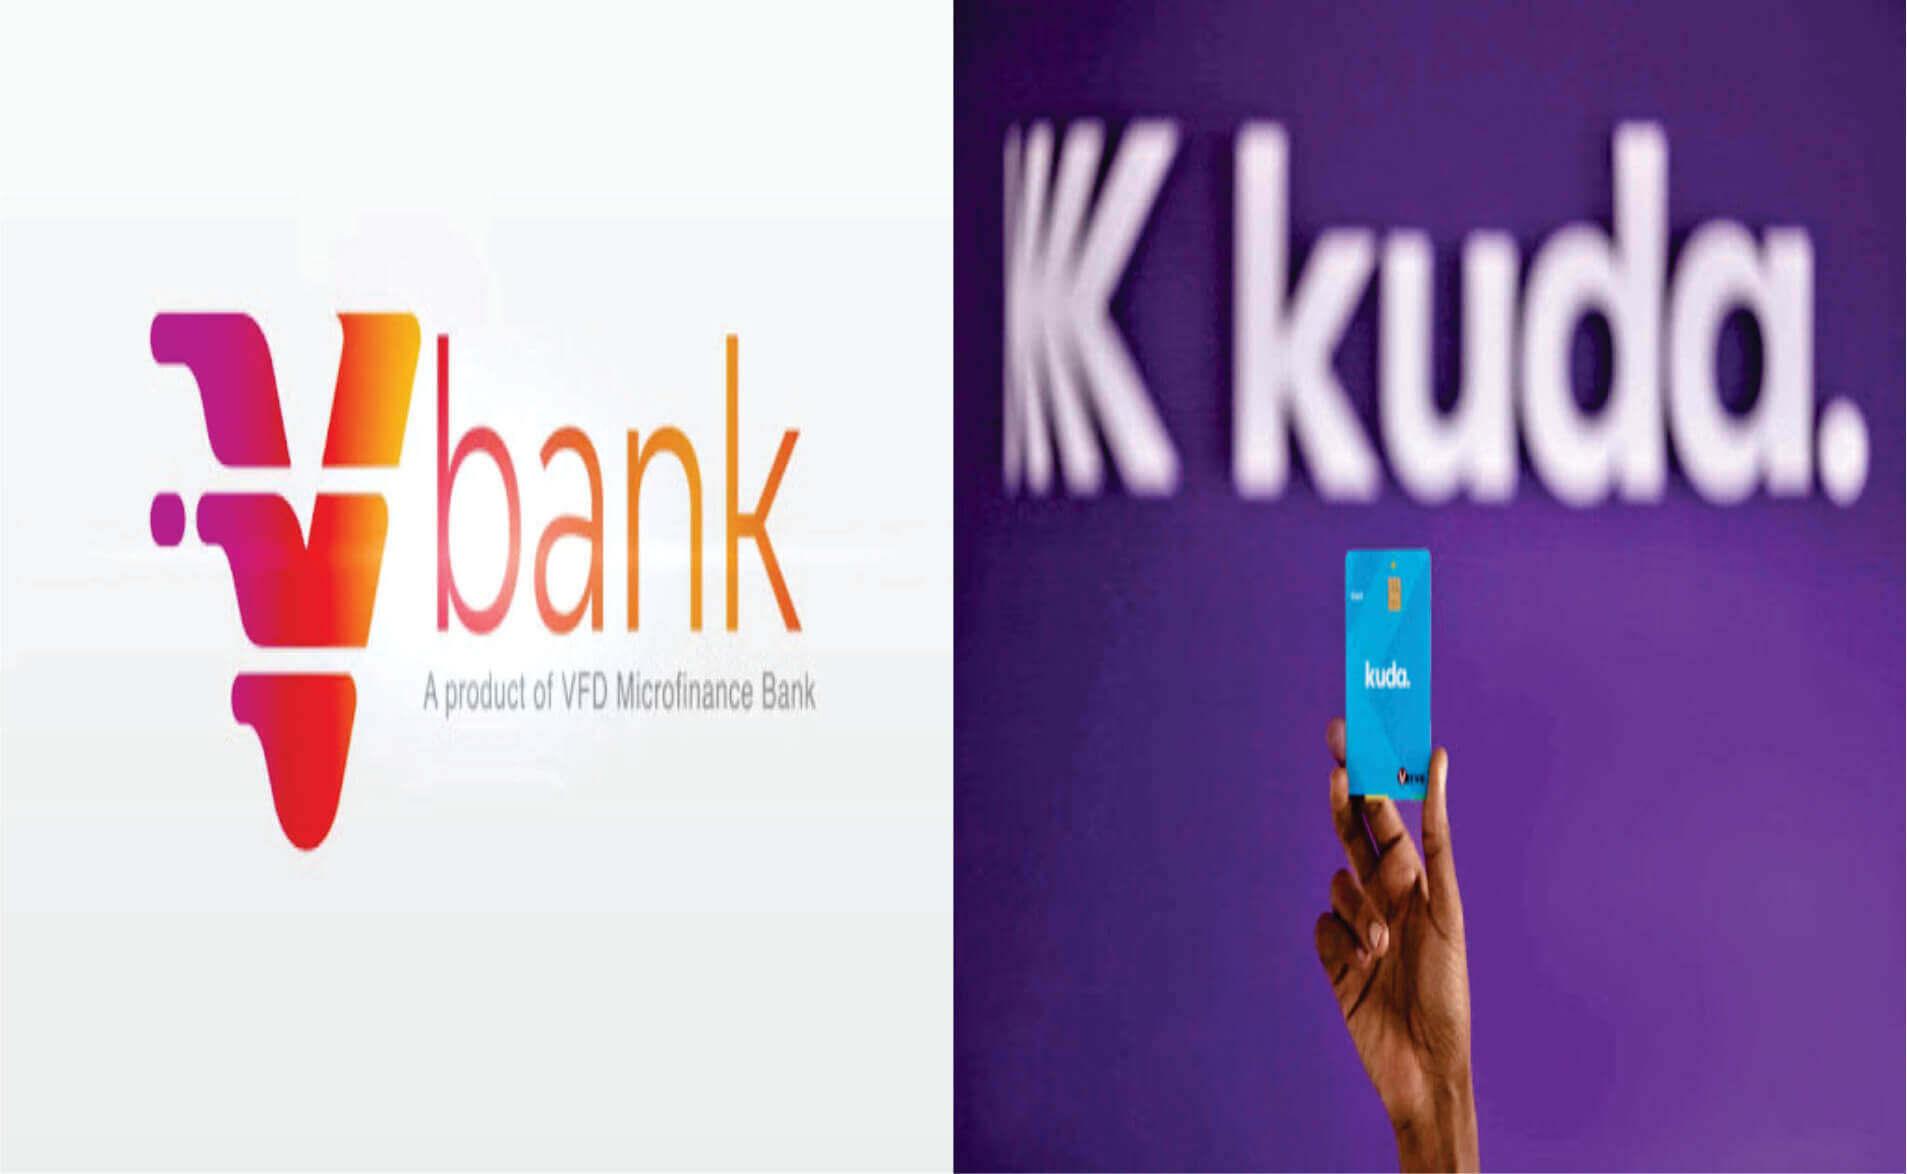 V Bank vs Kuda